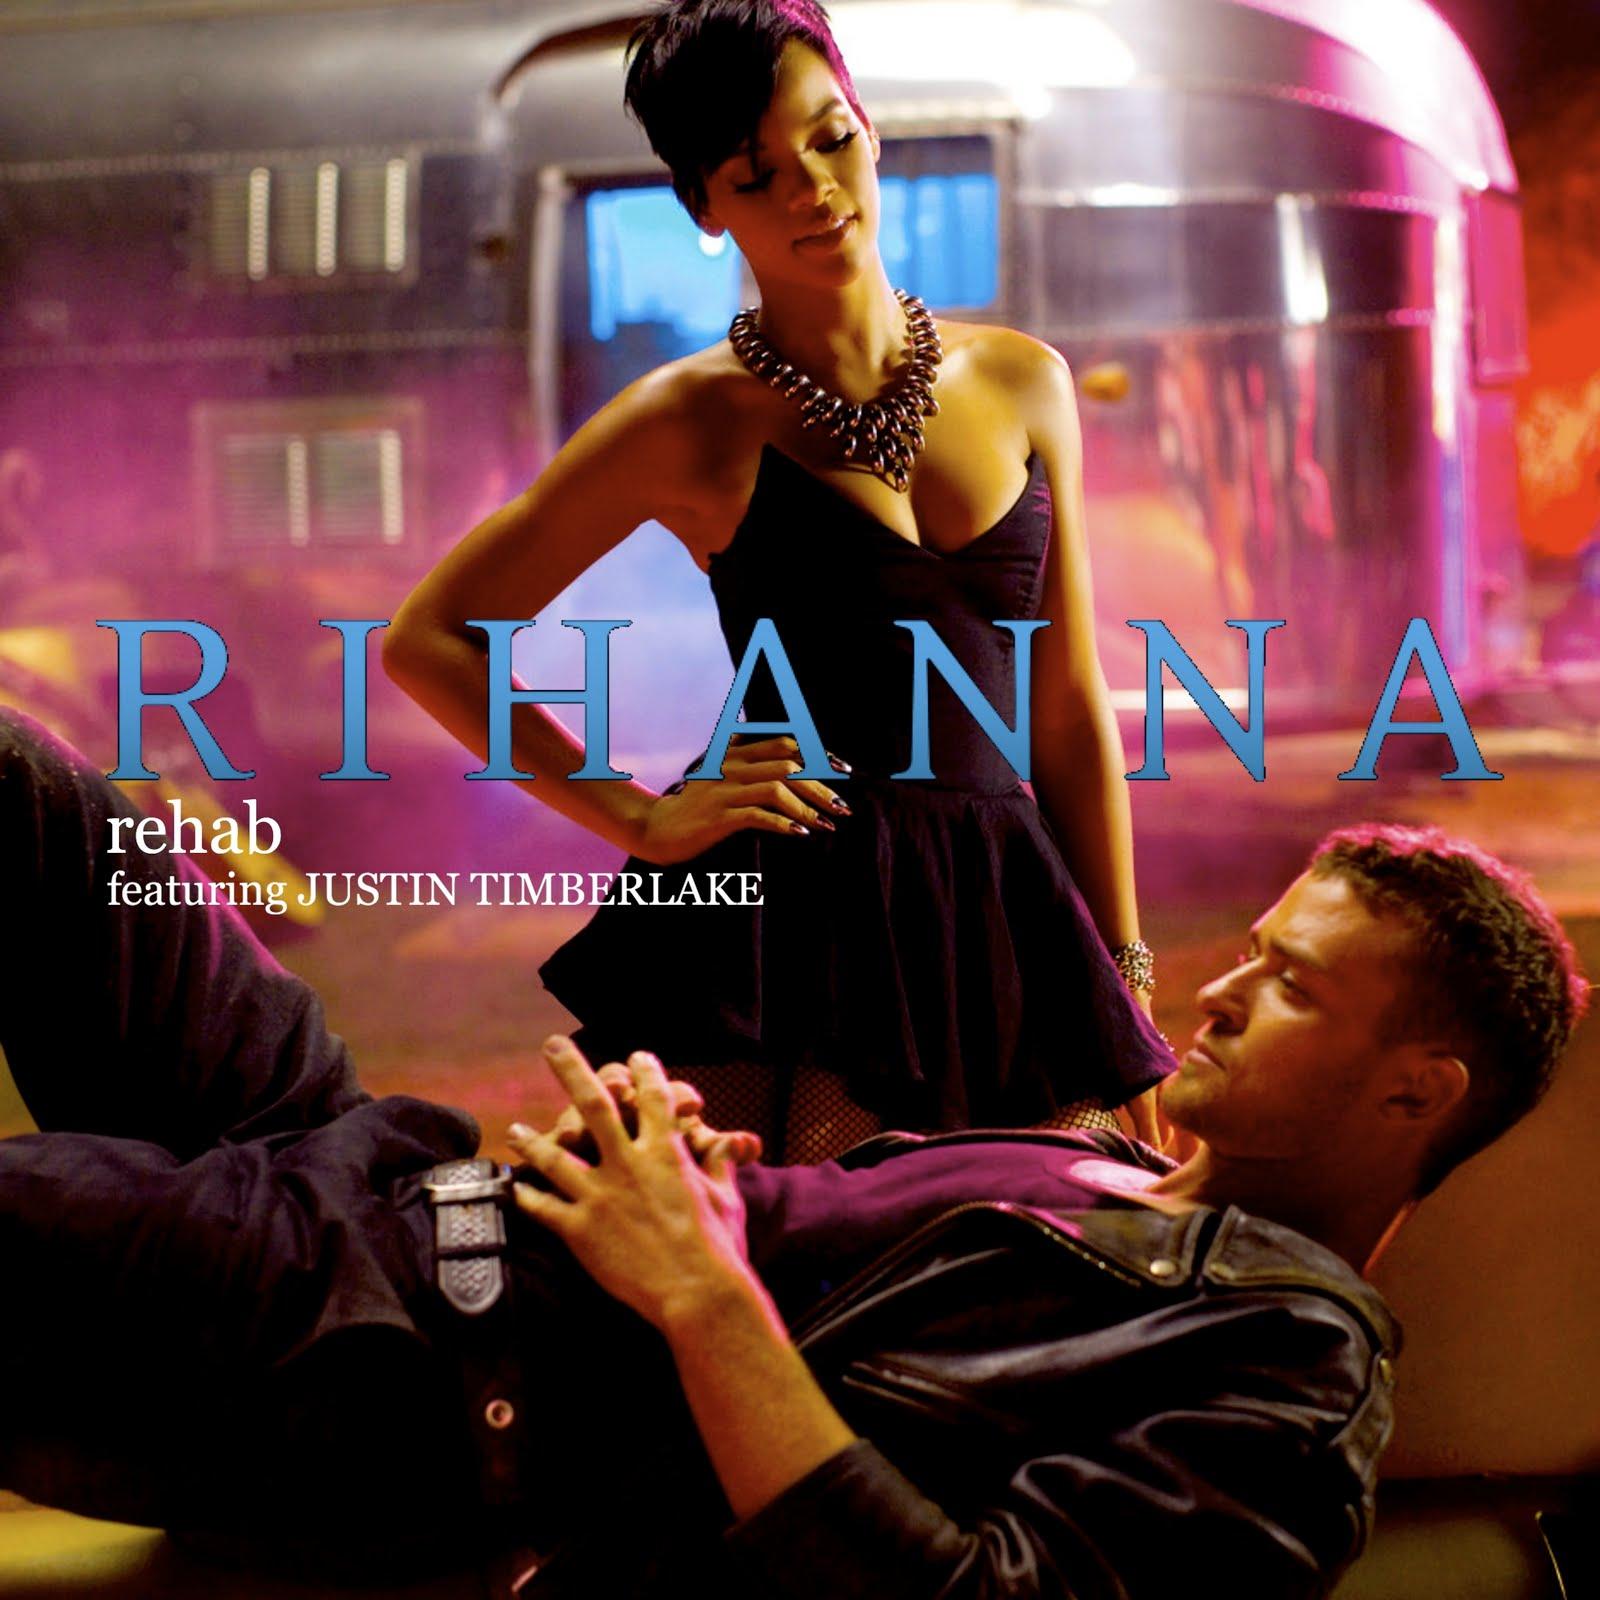 http://4.bp.blogspot.com/_6lV5hzNR1fU/SwraOlVd4qI/AAAAAAAAHXM/ydmpLkr_UBE/s1600/Rehab+rihanna+justin+.jpeg